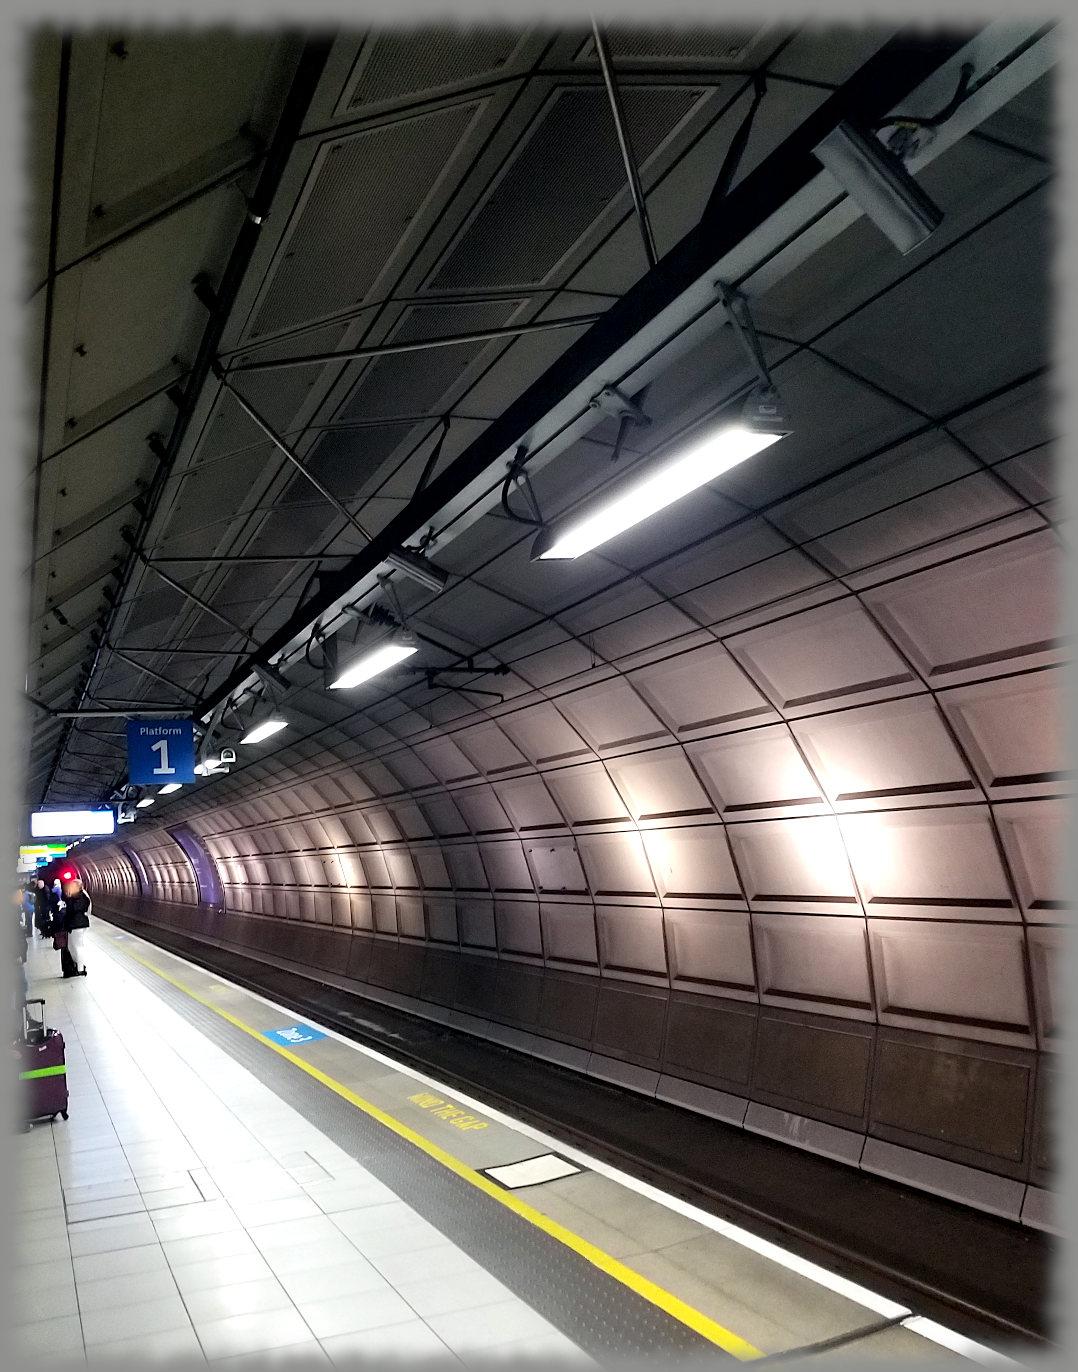 Heathrow-tube-4a